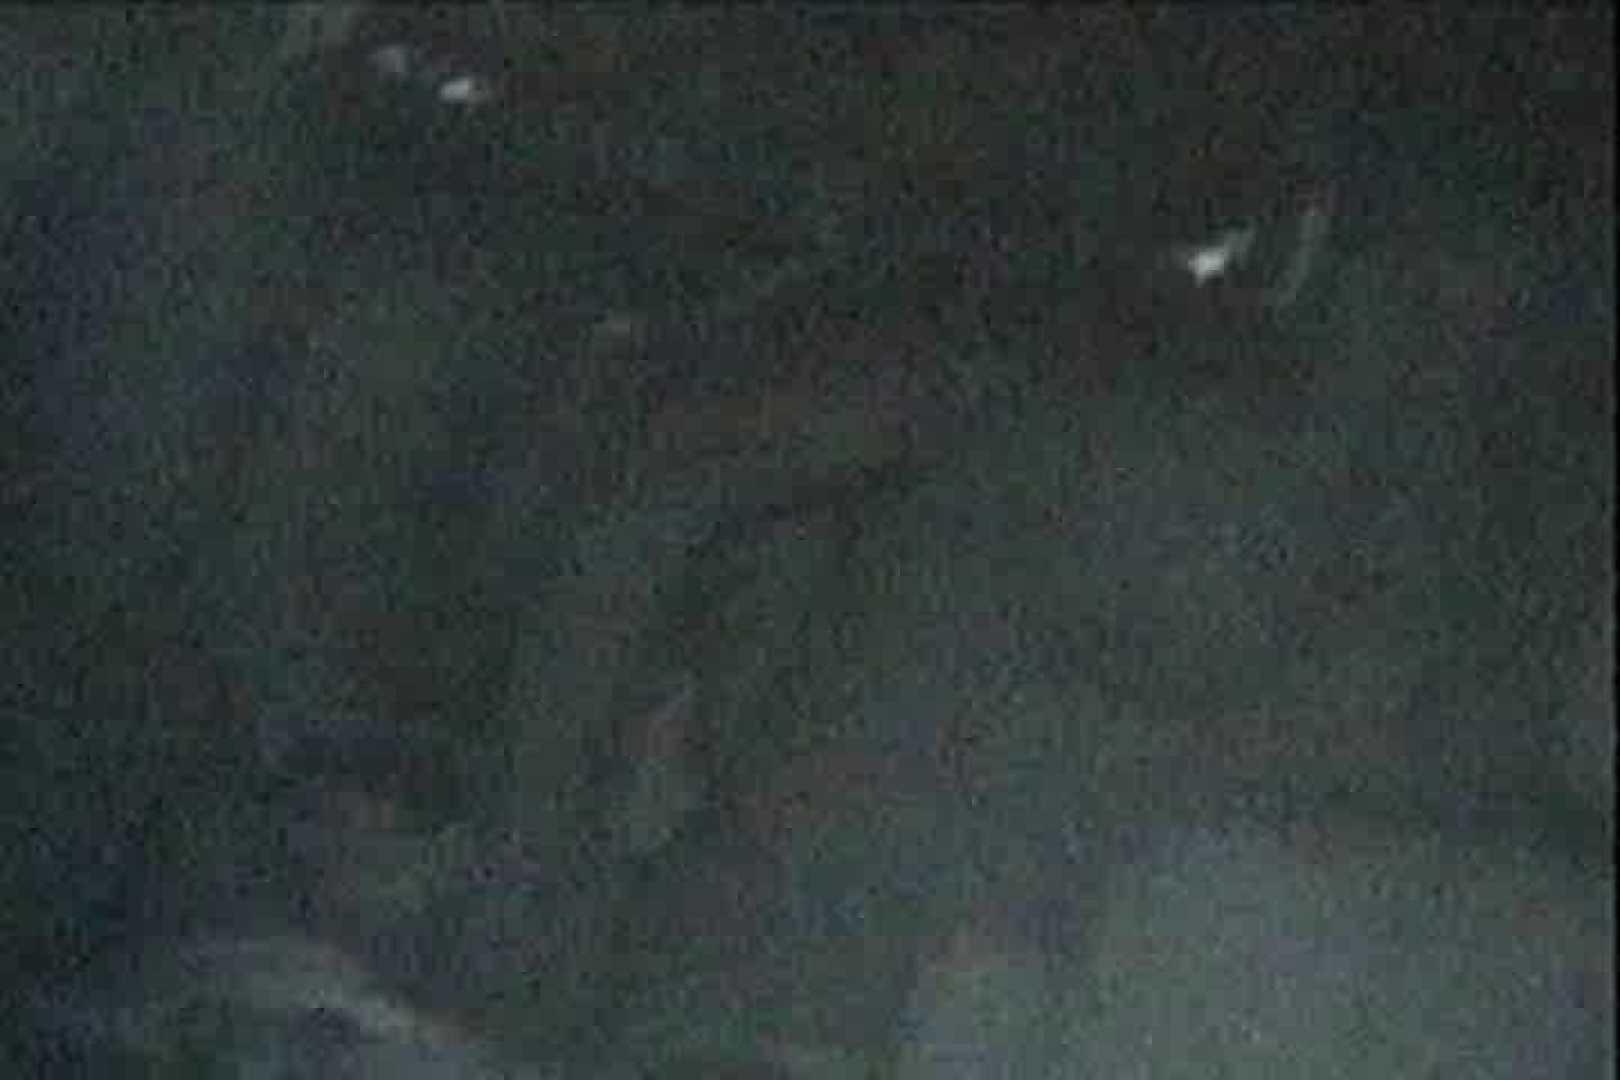 充血監督の深夜の運動会Vol.39 OLセックス  80画像 4